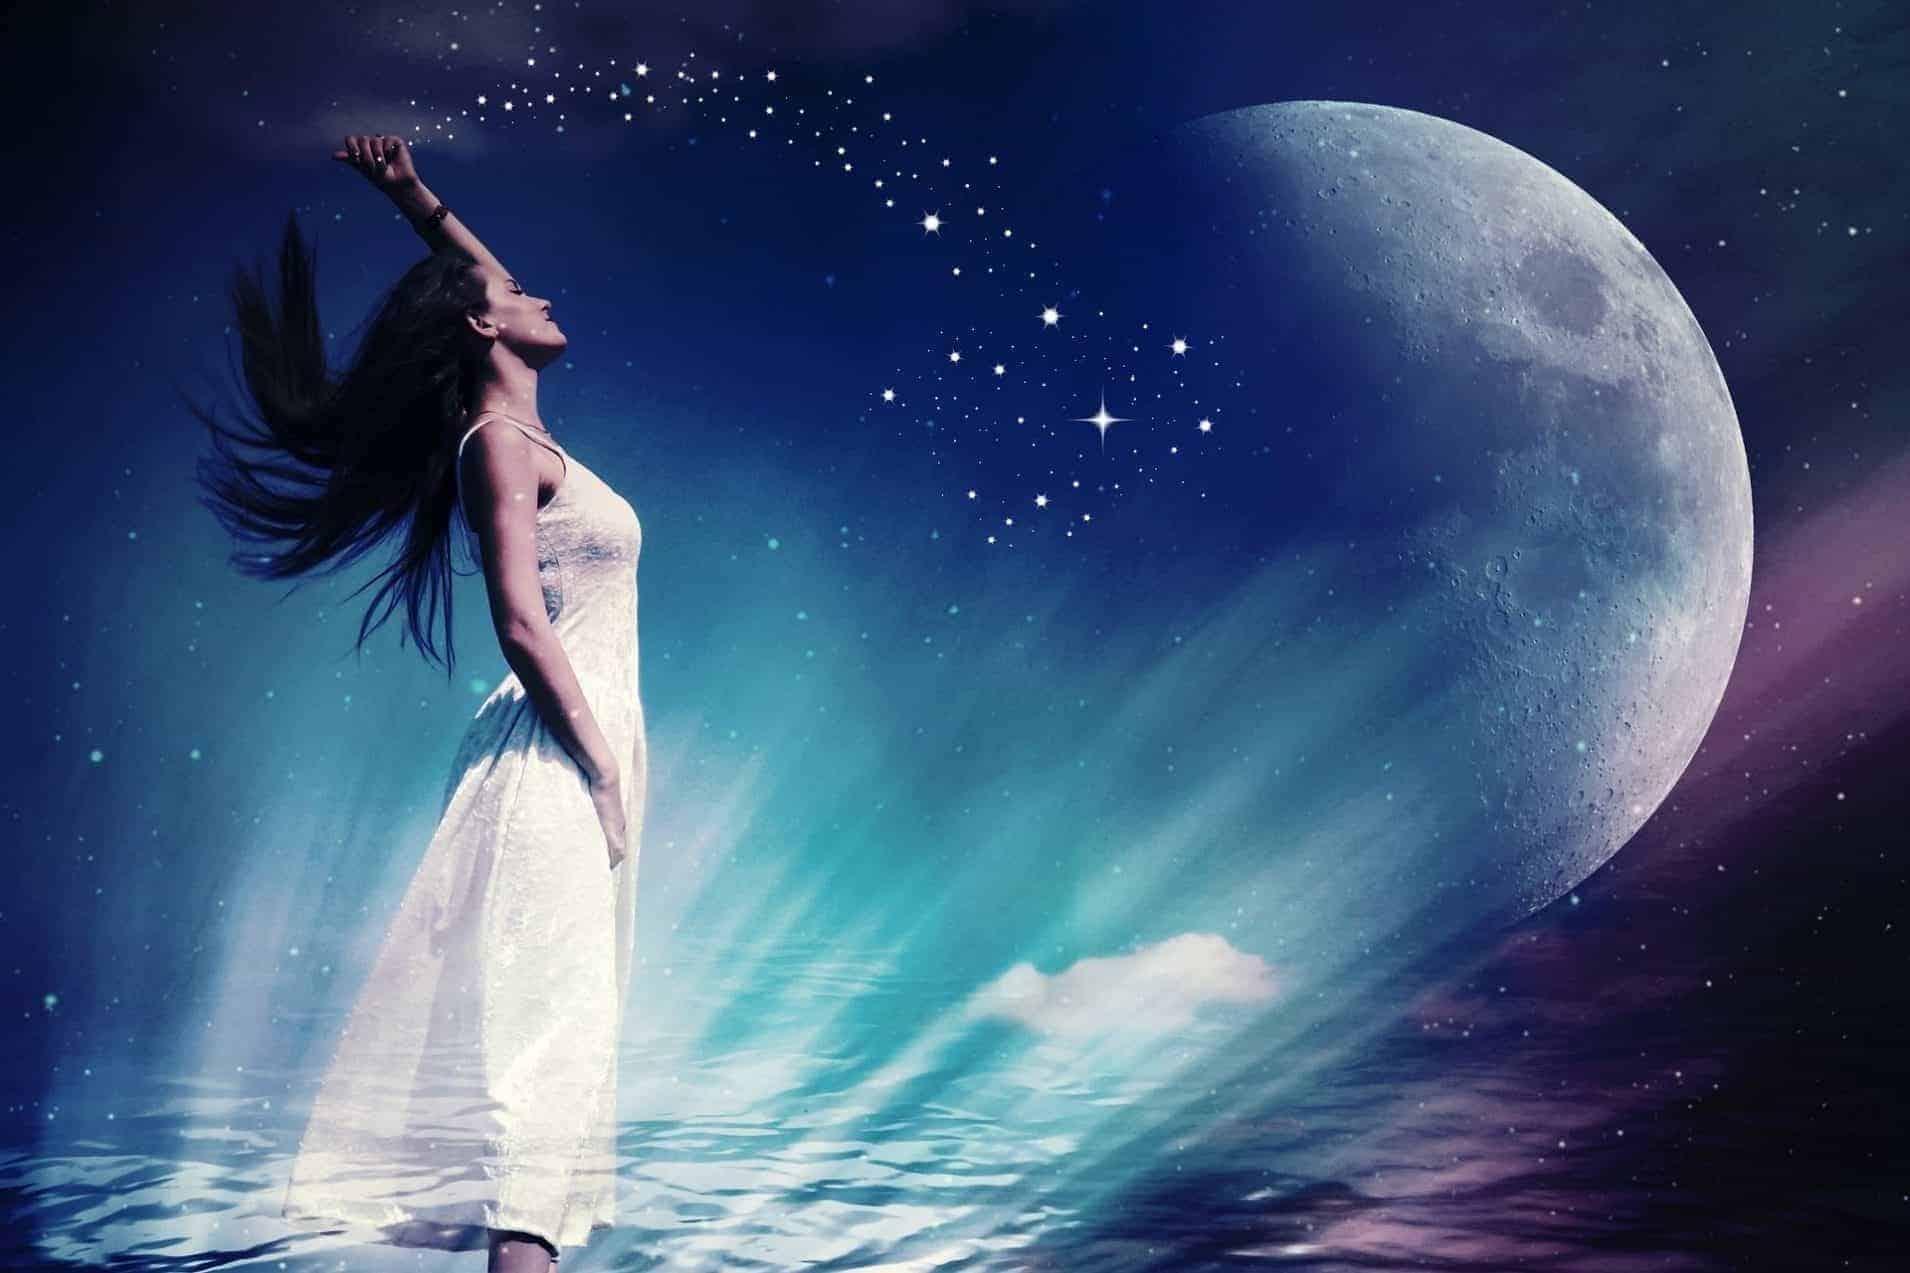 chöne Frau in weißem Kleid wirft einen Sternenreigen von sich, mit einem überdimensionalen Mond vor sich,